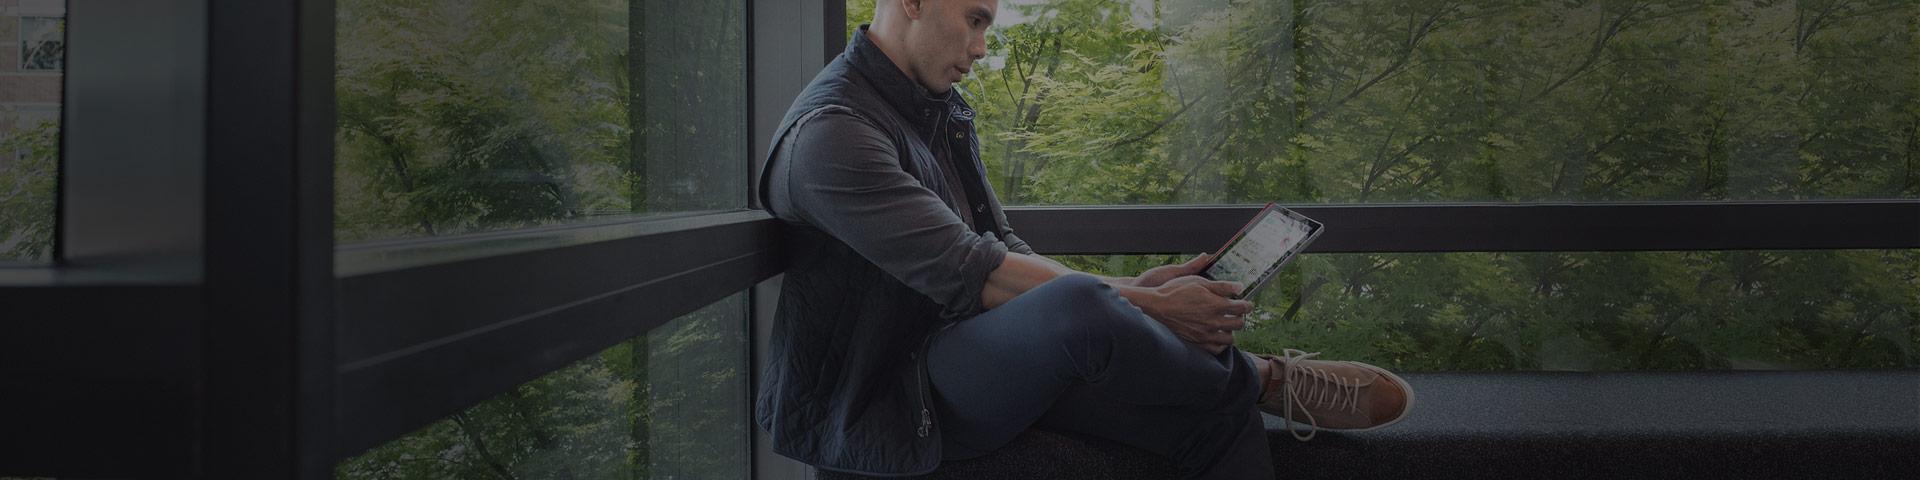 En mann sitter på en benk og ser på en enhet han holder i hendene